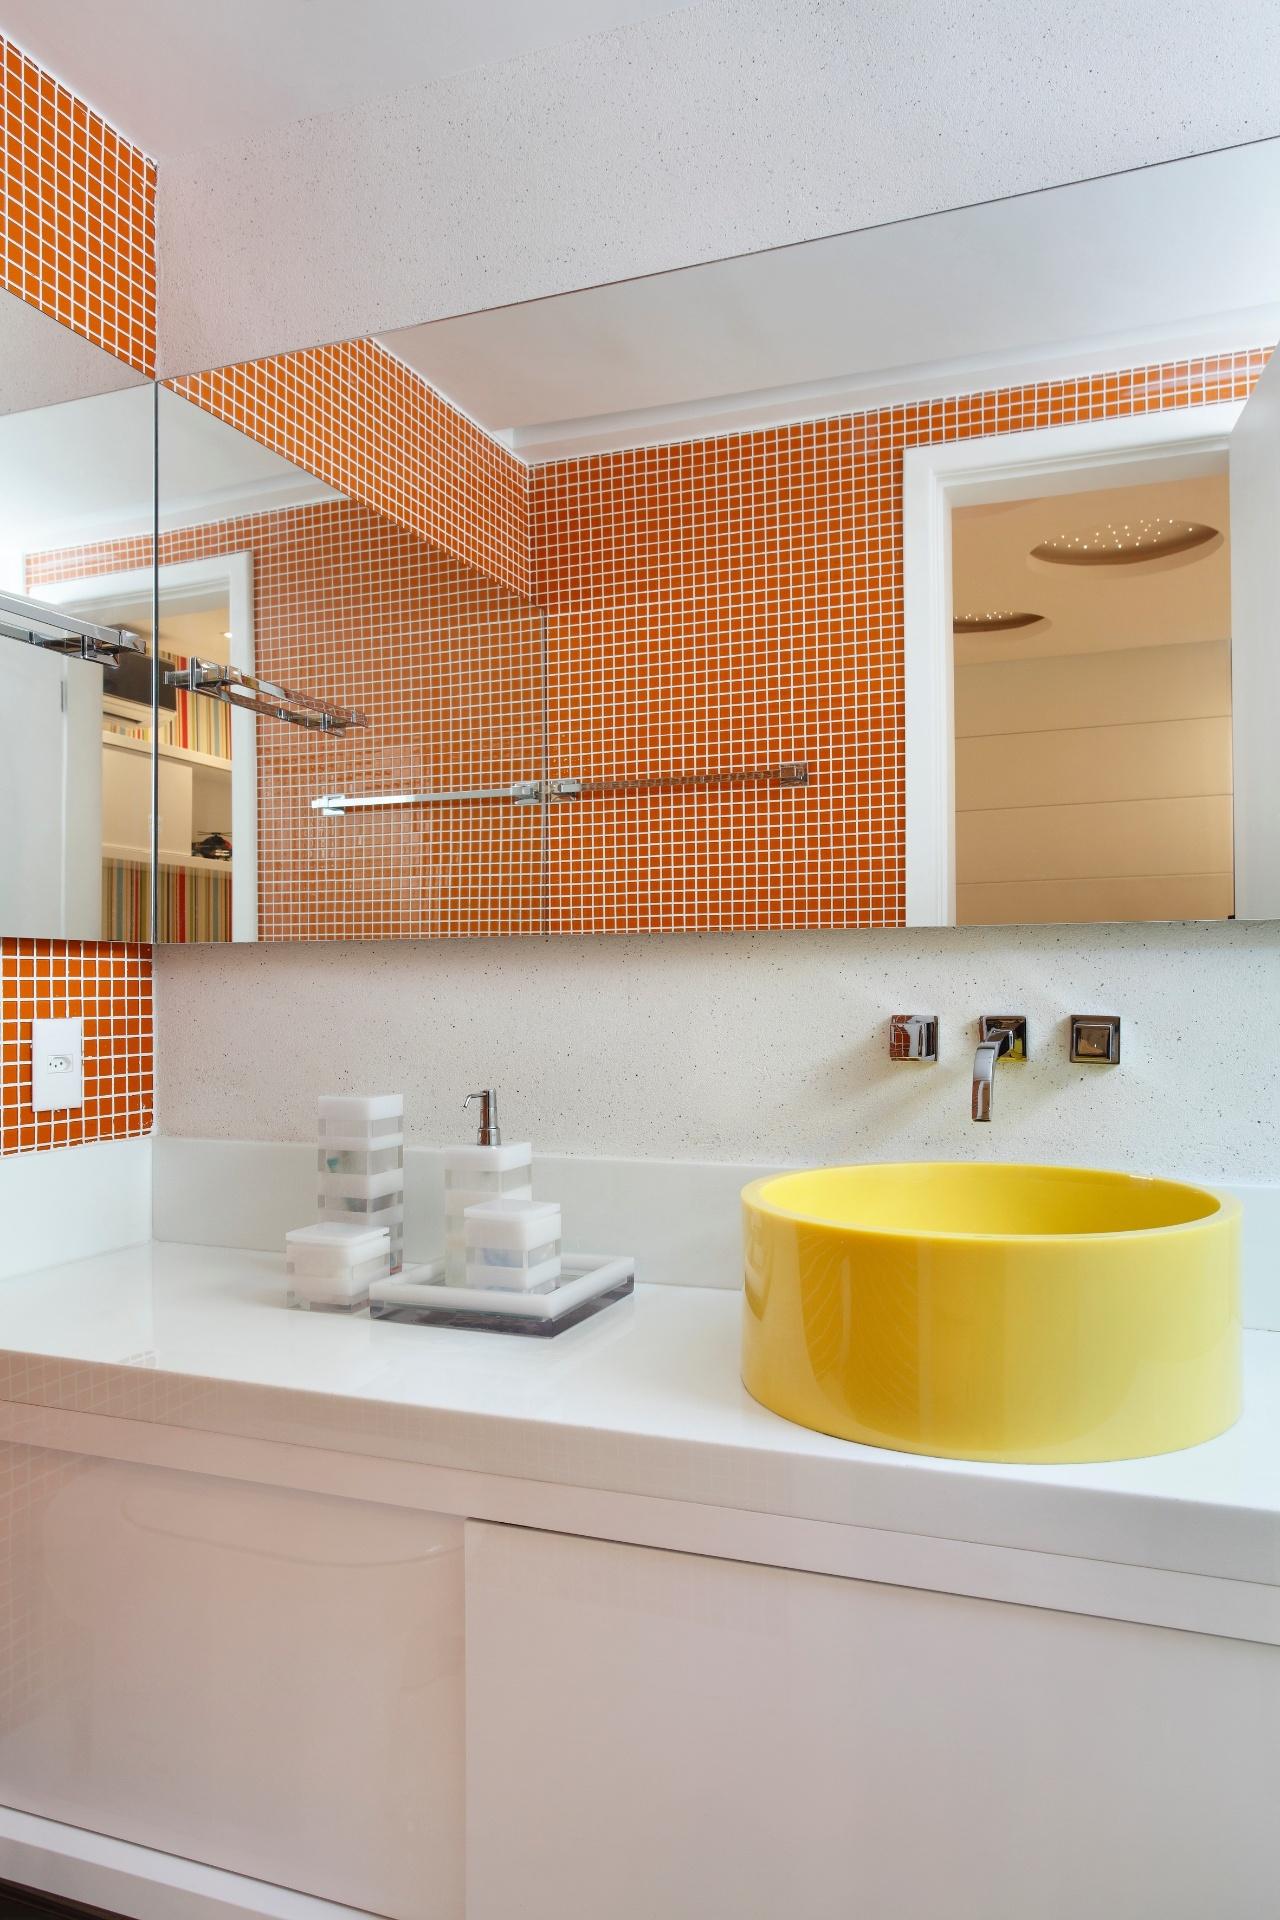 Aqui o conceito é a mistura da cor primária Amarela com sua análoga  #BD4C0D 1280x1920 Banheiro Amarelo E Cinza